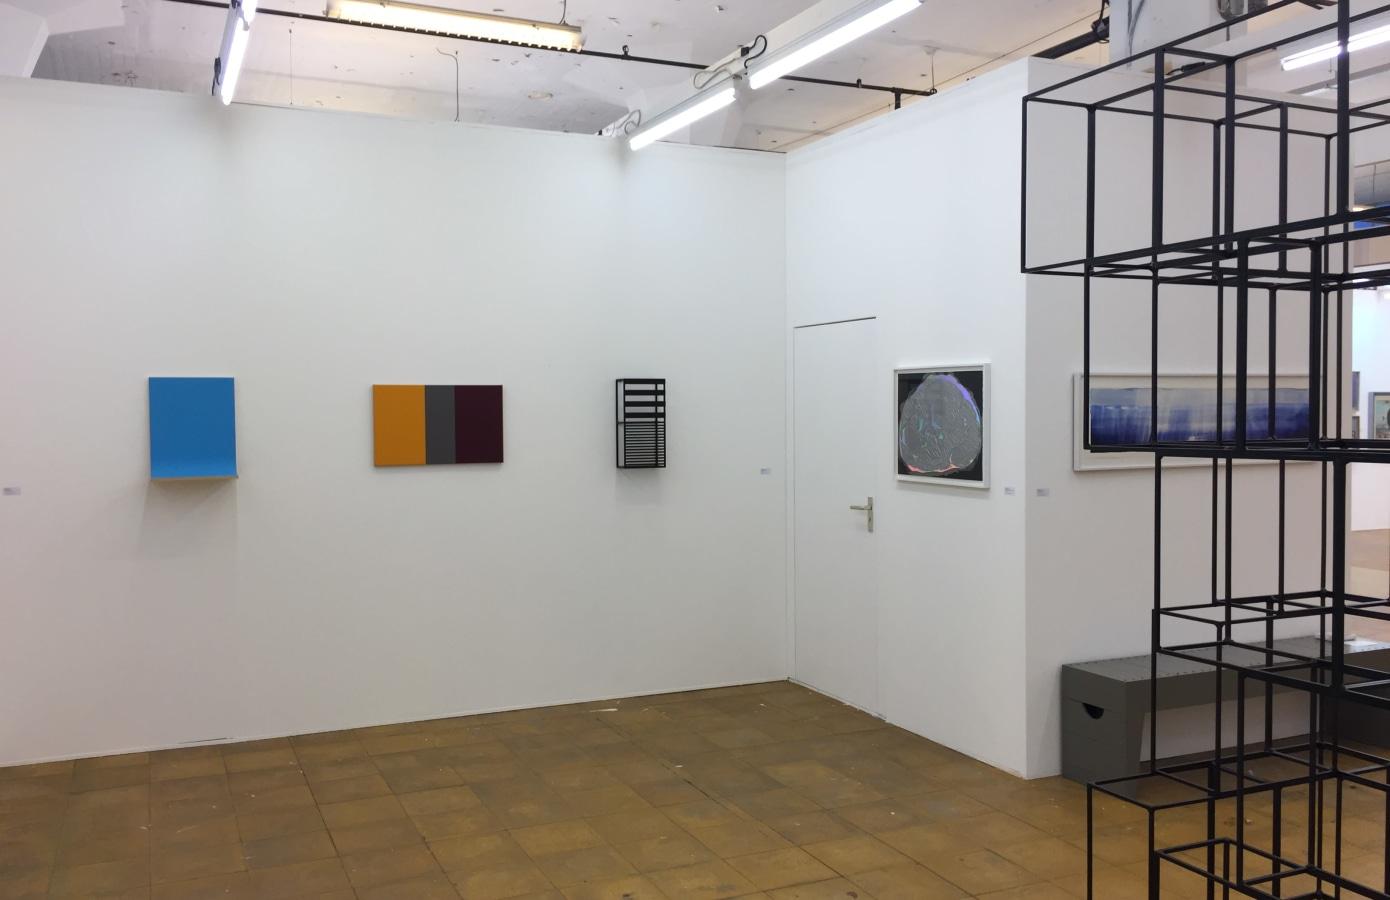 Art Rotterdam 2019, Steven Aalders, Adam Colton, Joris Geurts, Michael Jacklin, Dan Walsh, Jerry Zeniuk,